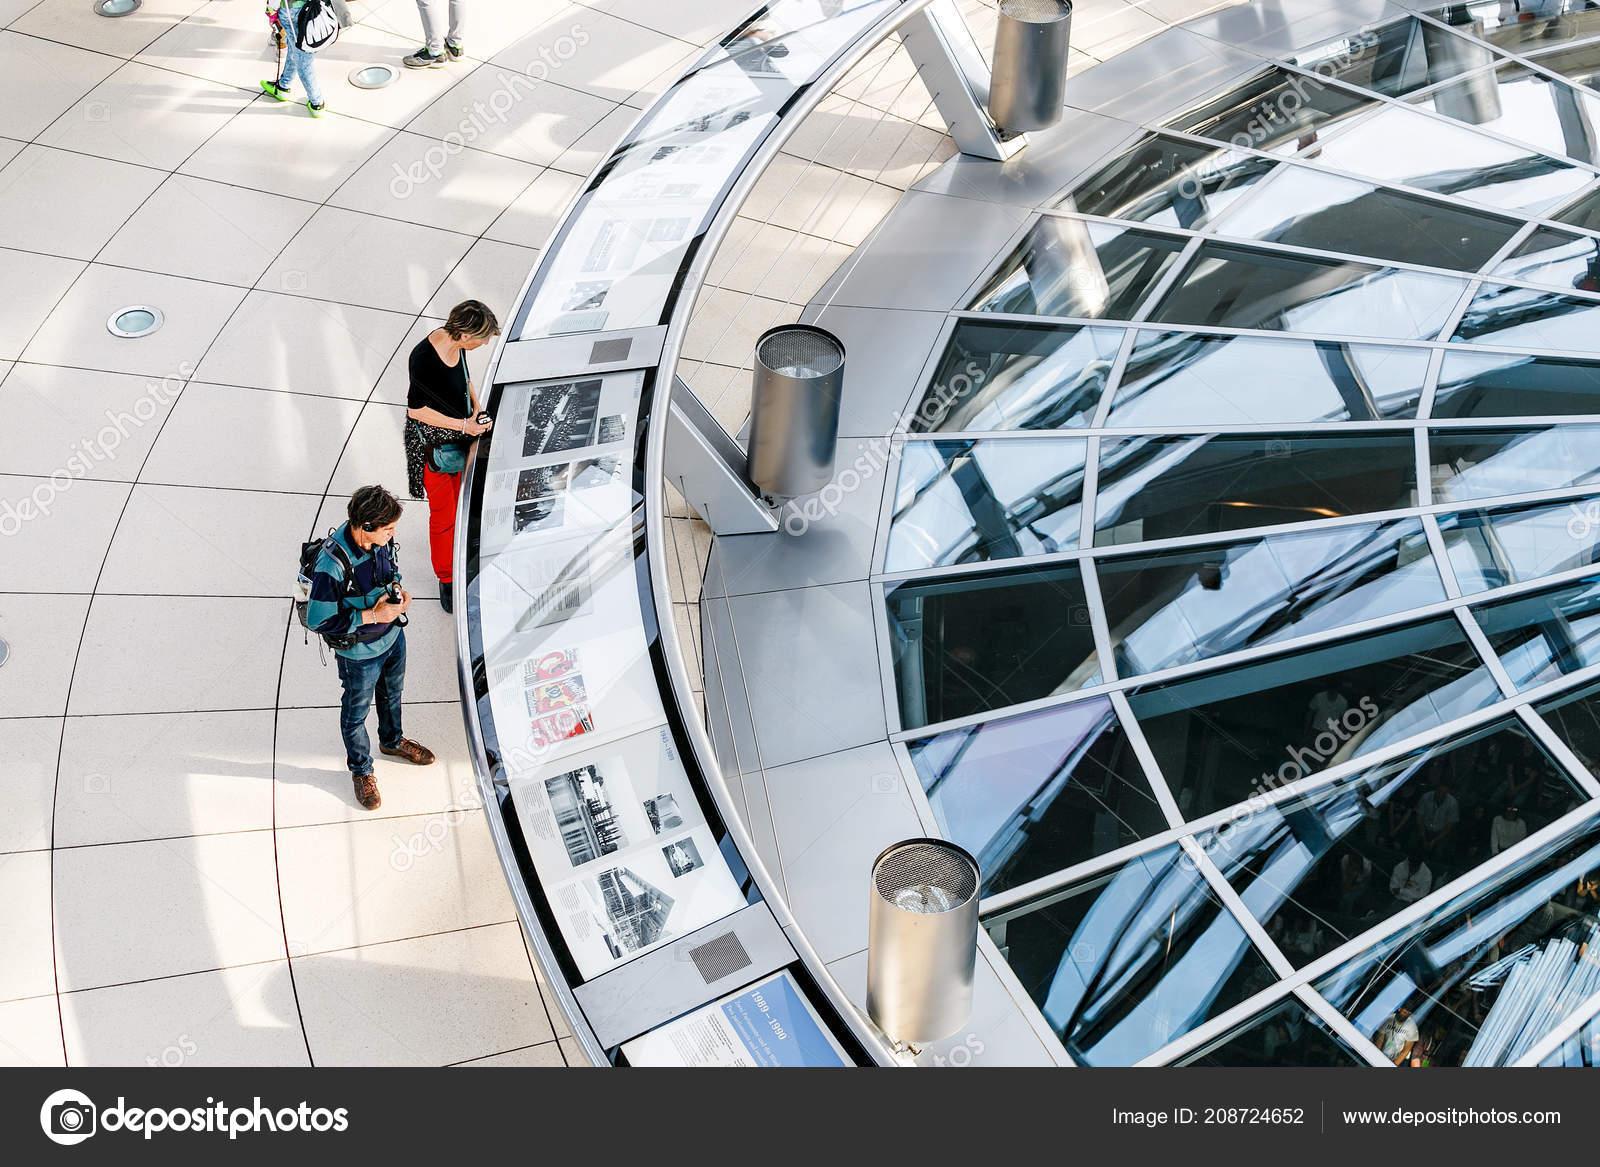 Mai 2018 Berlin Deutschland Futuristische Architektur Von Einer